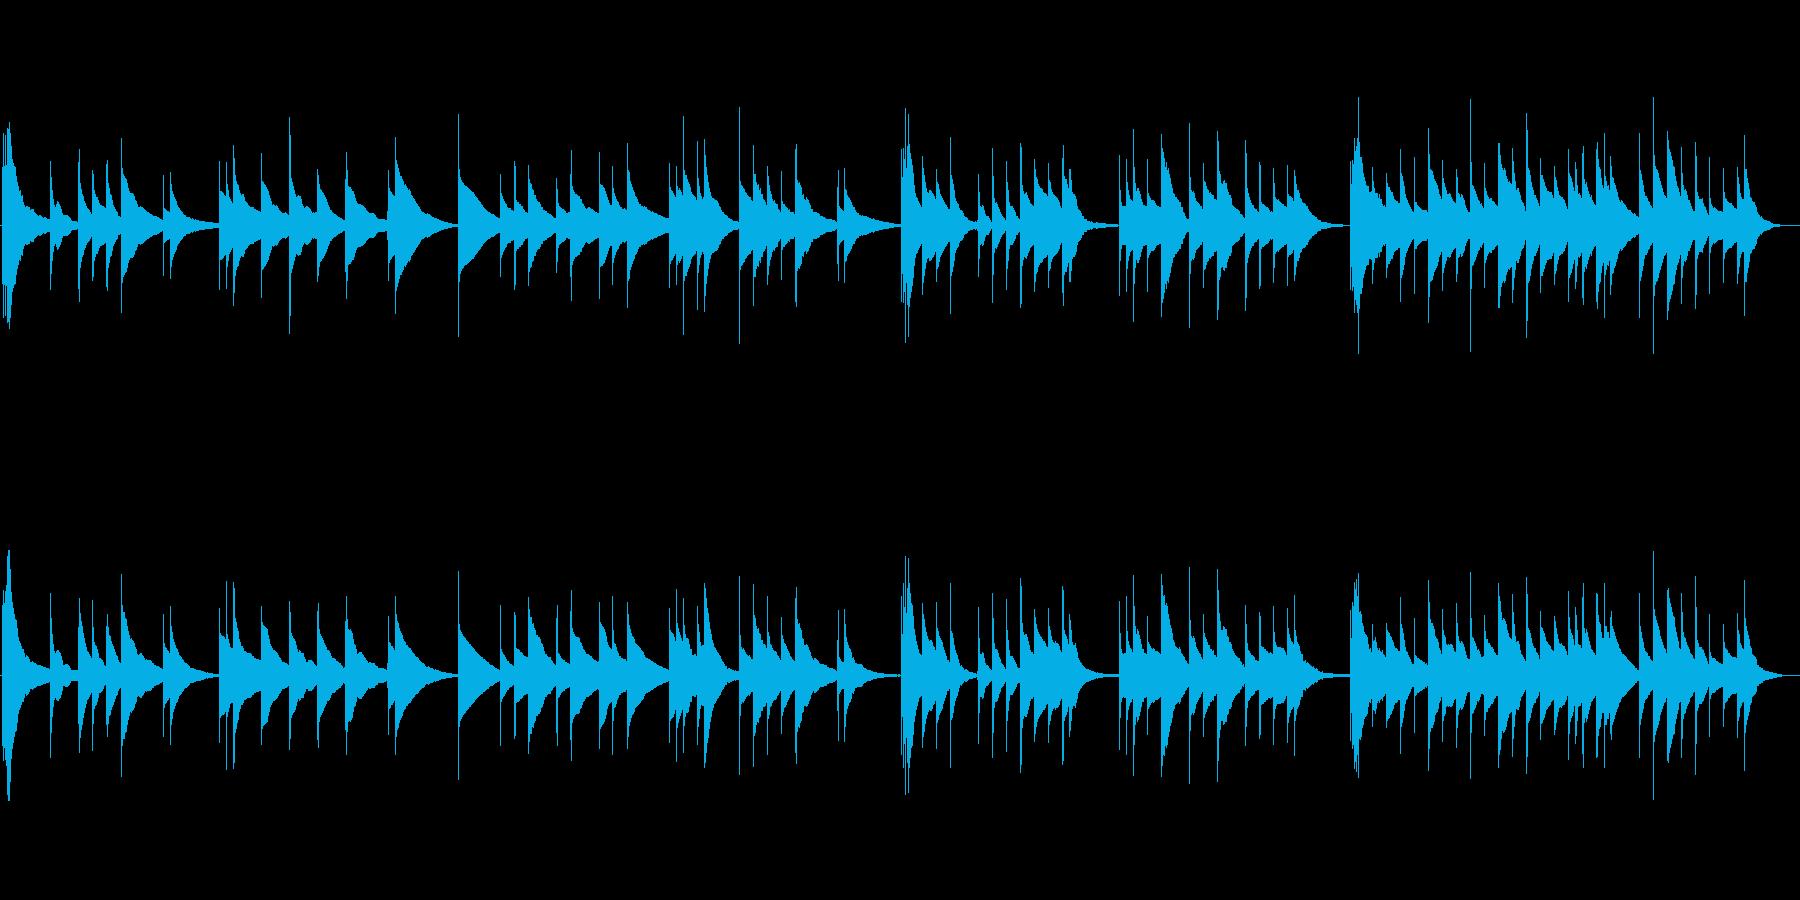 儚げなオルゴール曲の再生済みの波形